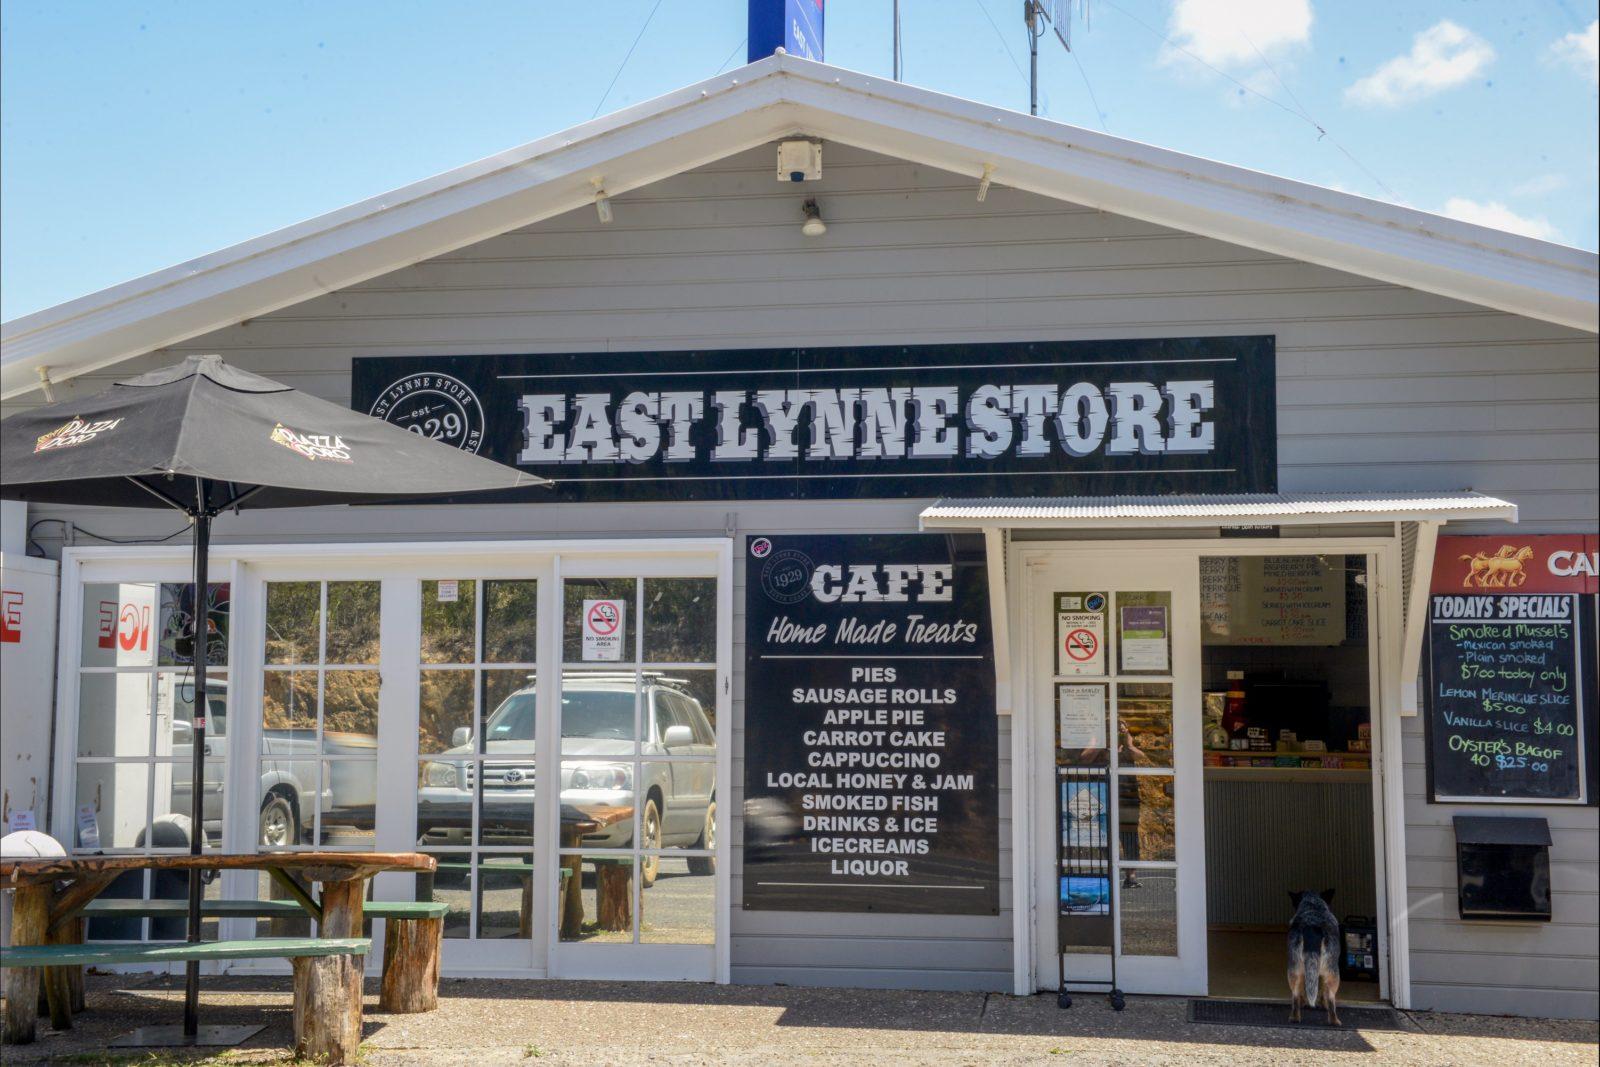 East Lynne Store